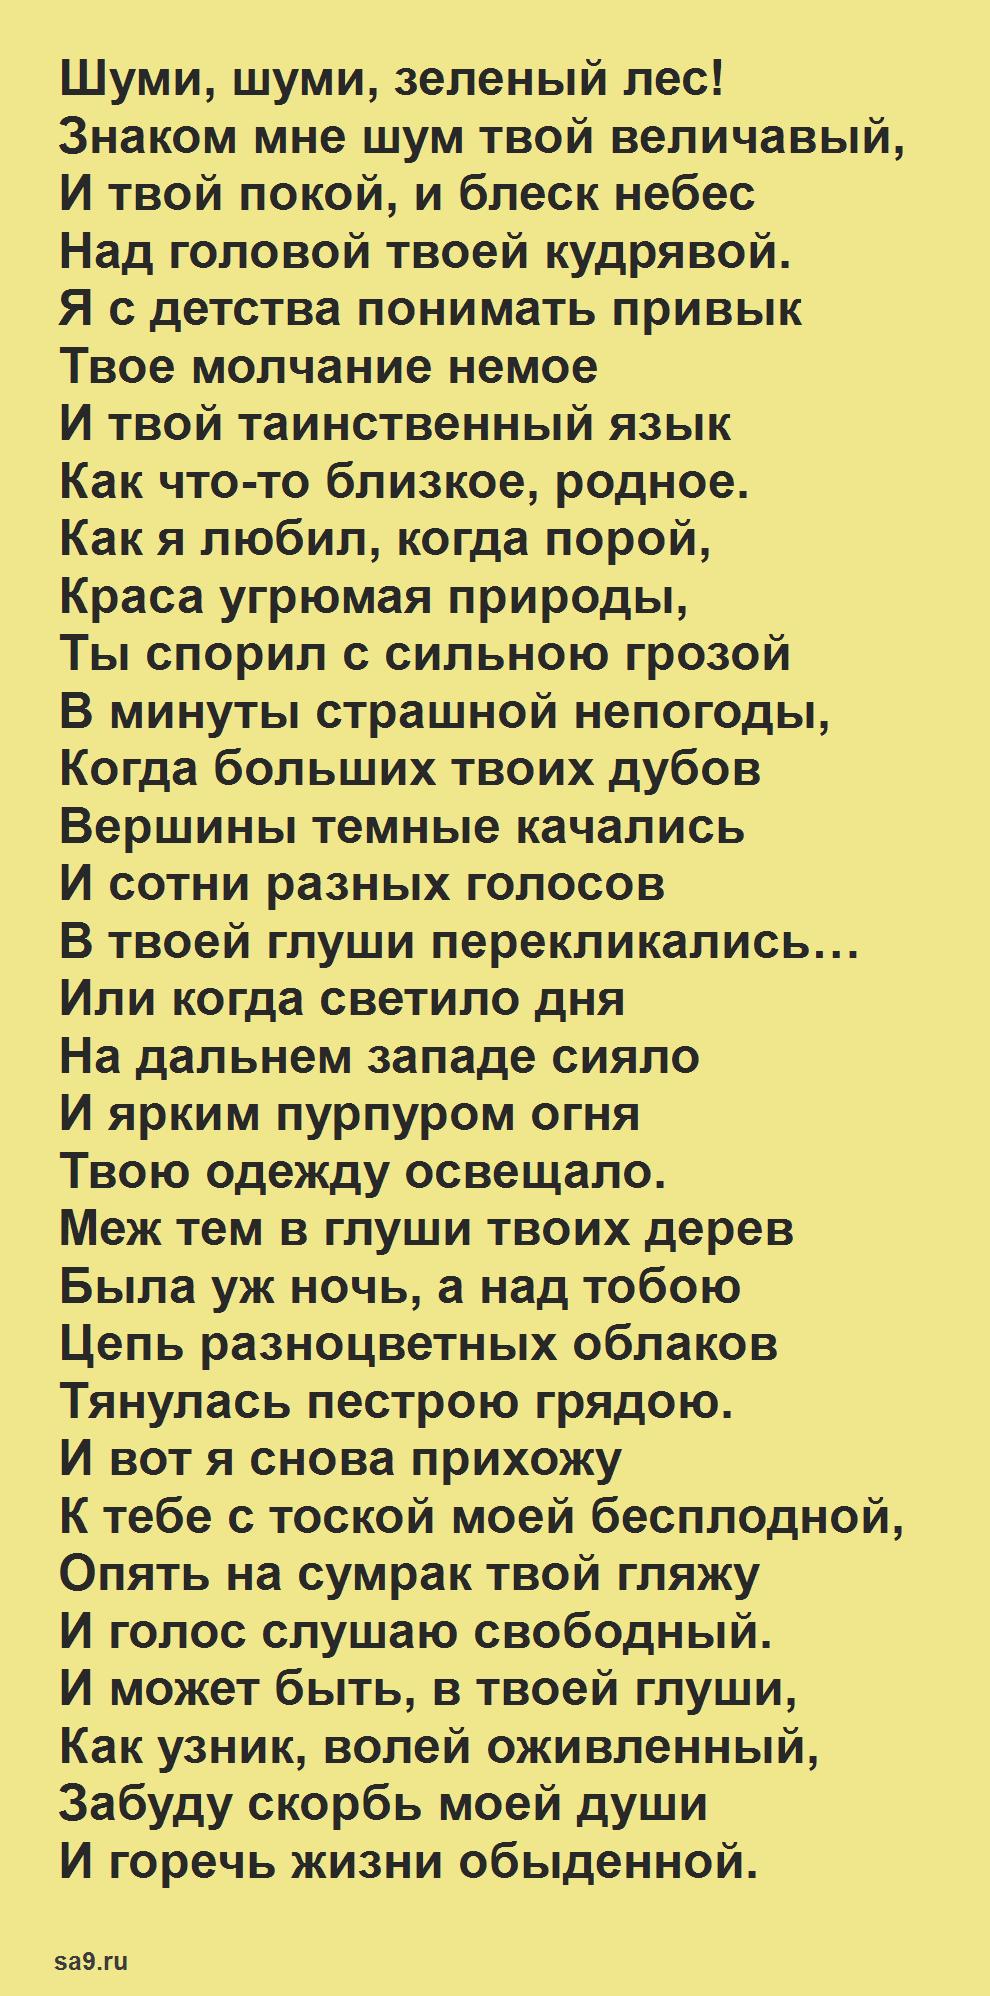 Стихи Никитина 2 класс - Лес